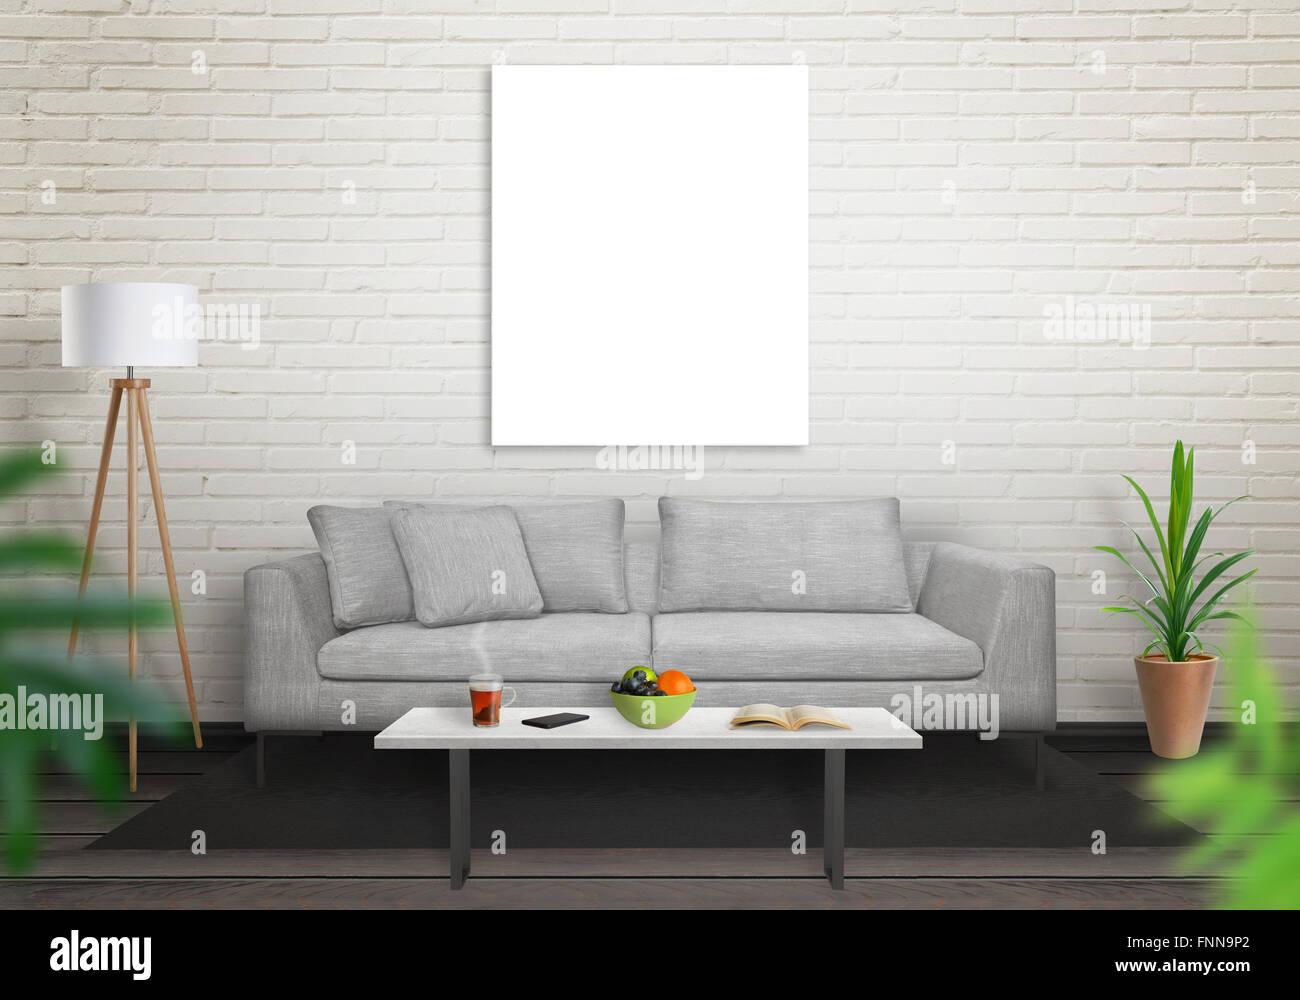 Isolierte Leinwand im Wohnzimmer für Mock-up. Ziegelmauer weißen ...